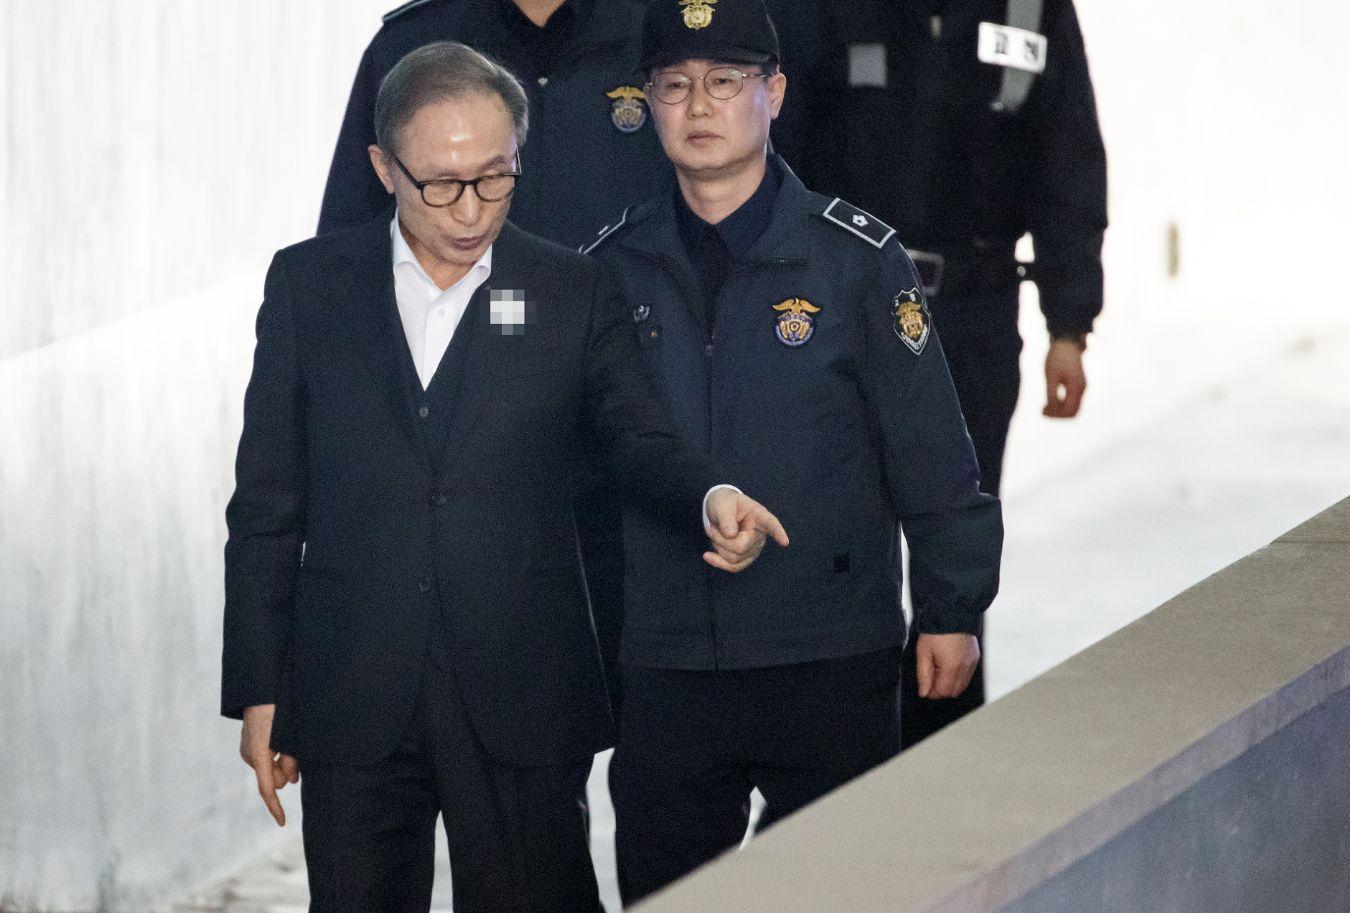 항소심 재판 첫 출석한 이명박을 당황하게 만든